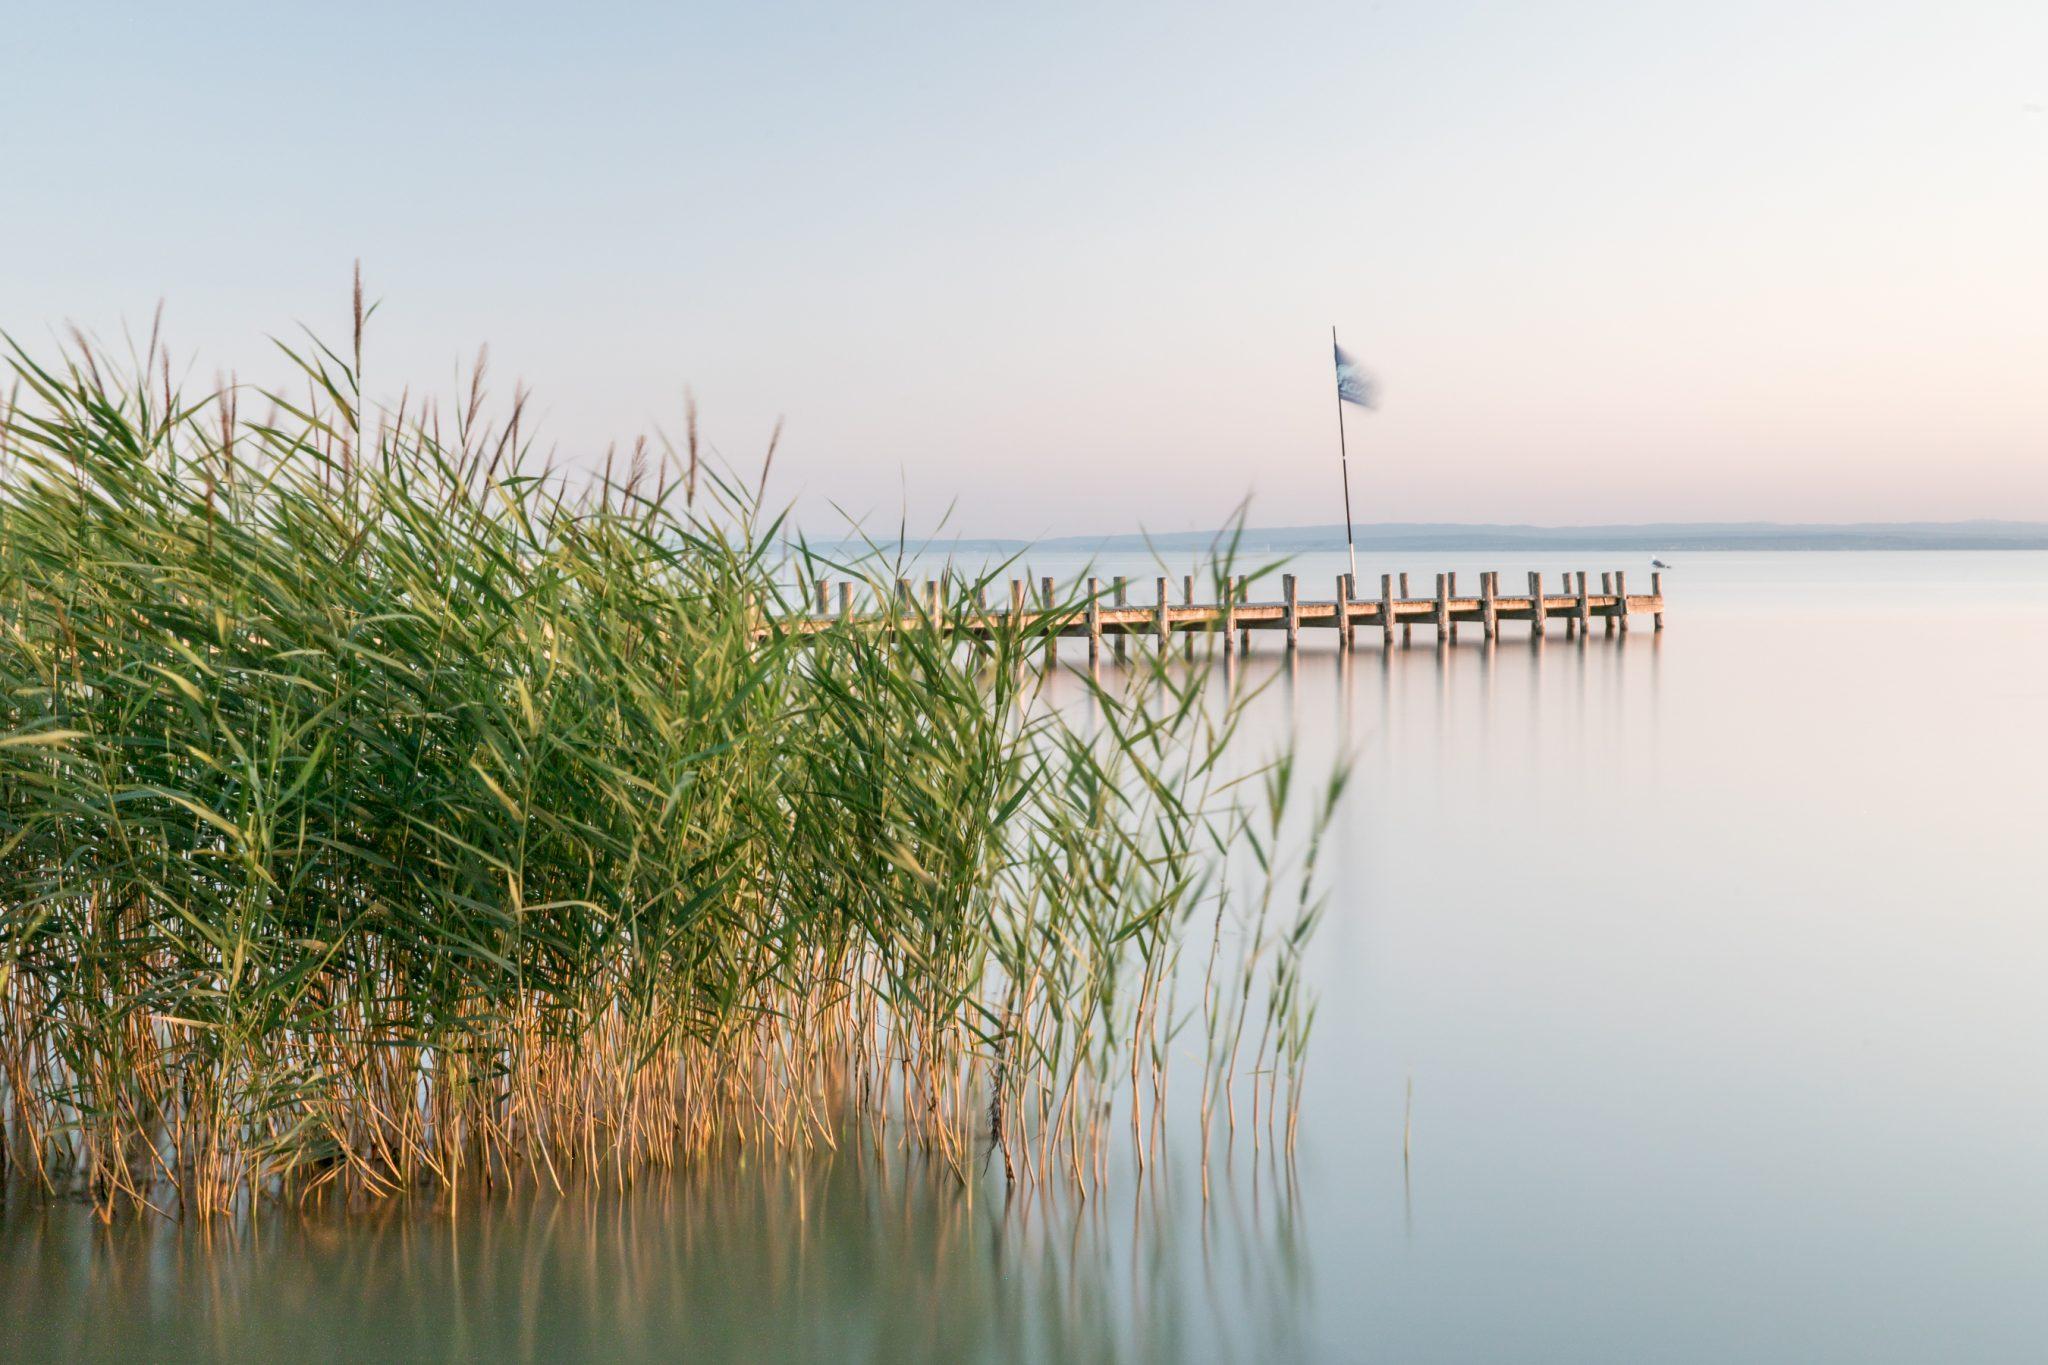 Ferien bei Hofmeister, Urlaub, Ferien, Neusiedler See, Podersdorf, Burgenland, Ferienwohnung, Gästezimmer, Pension